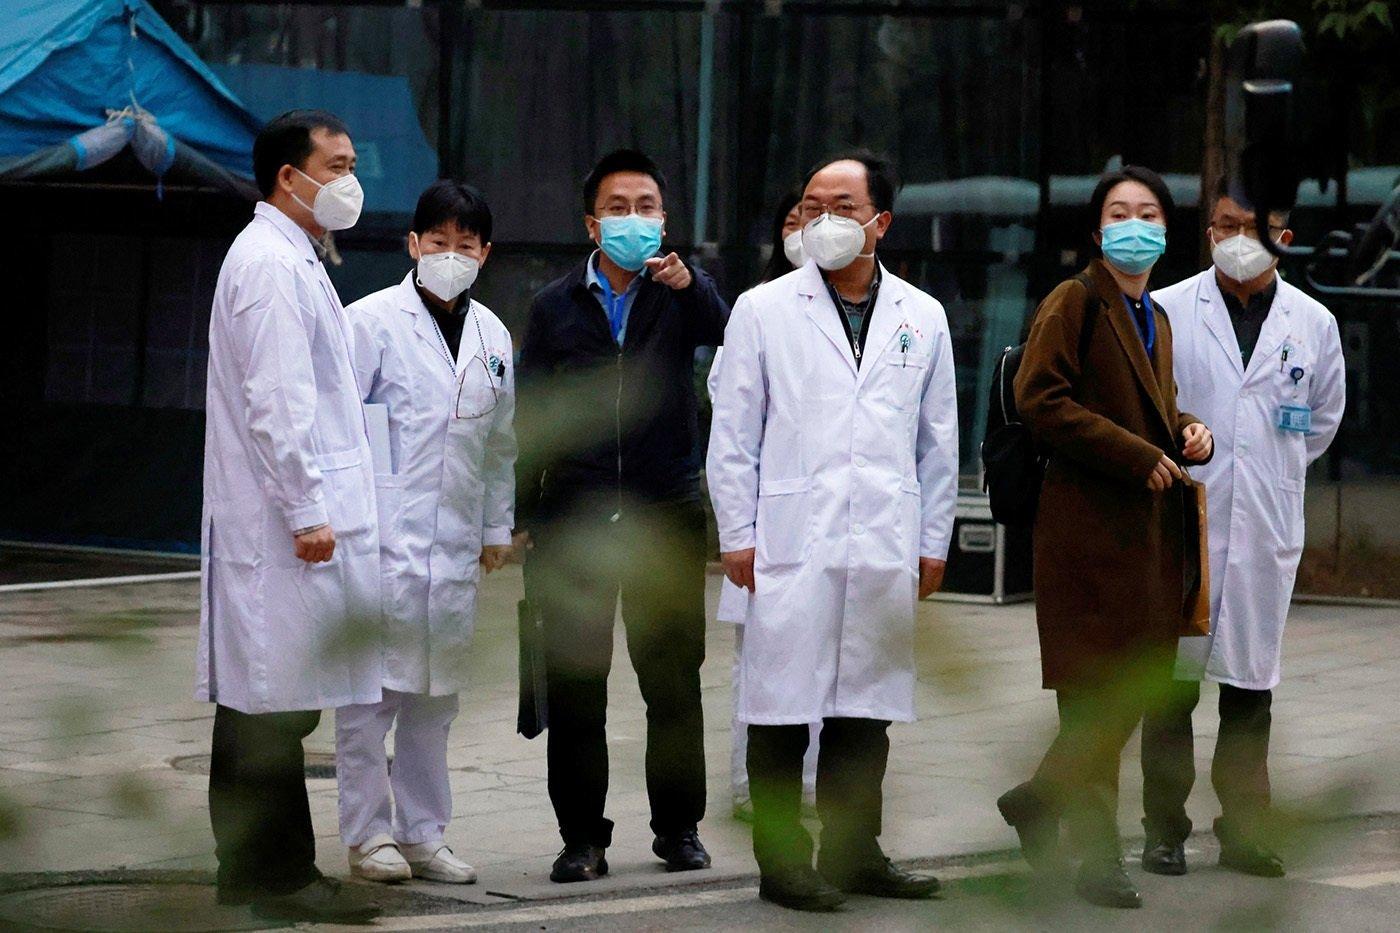 湖北省中西醫結合醫院的中國醫護人員